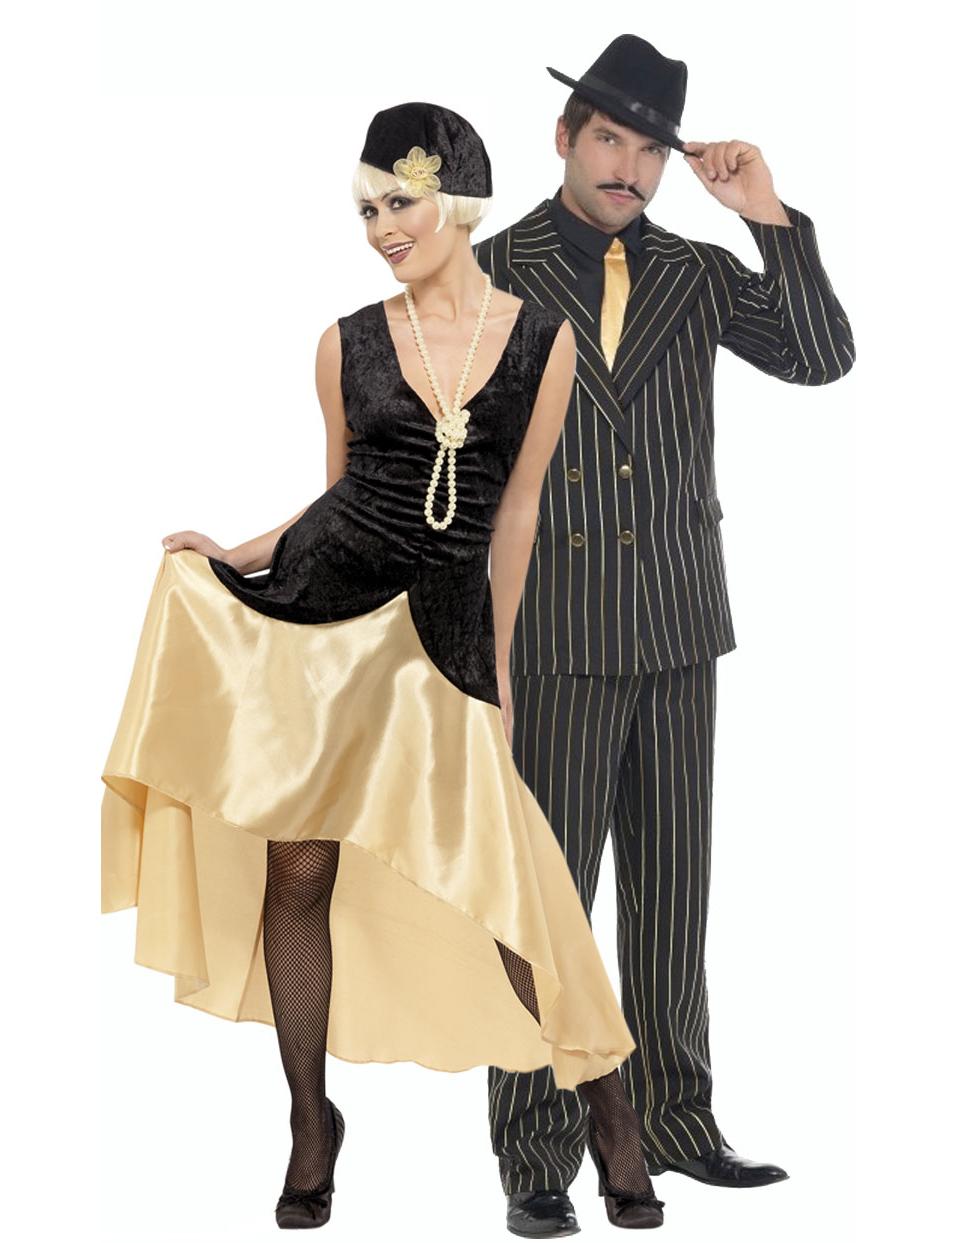 d guisement de couple charleston dor deguise toi achat de d guisements couples. Black Bedroom Furniture Sets. Home Design Ideas